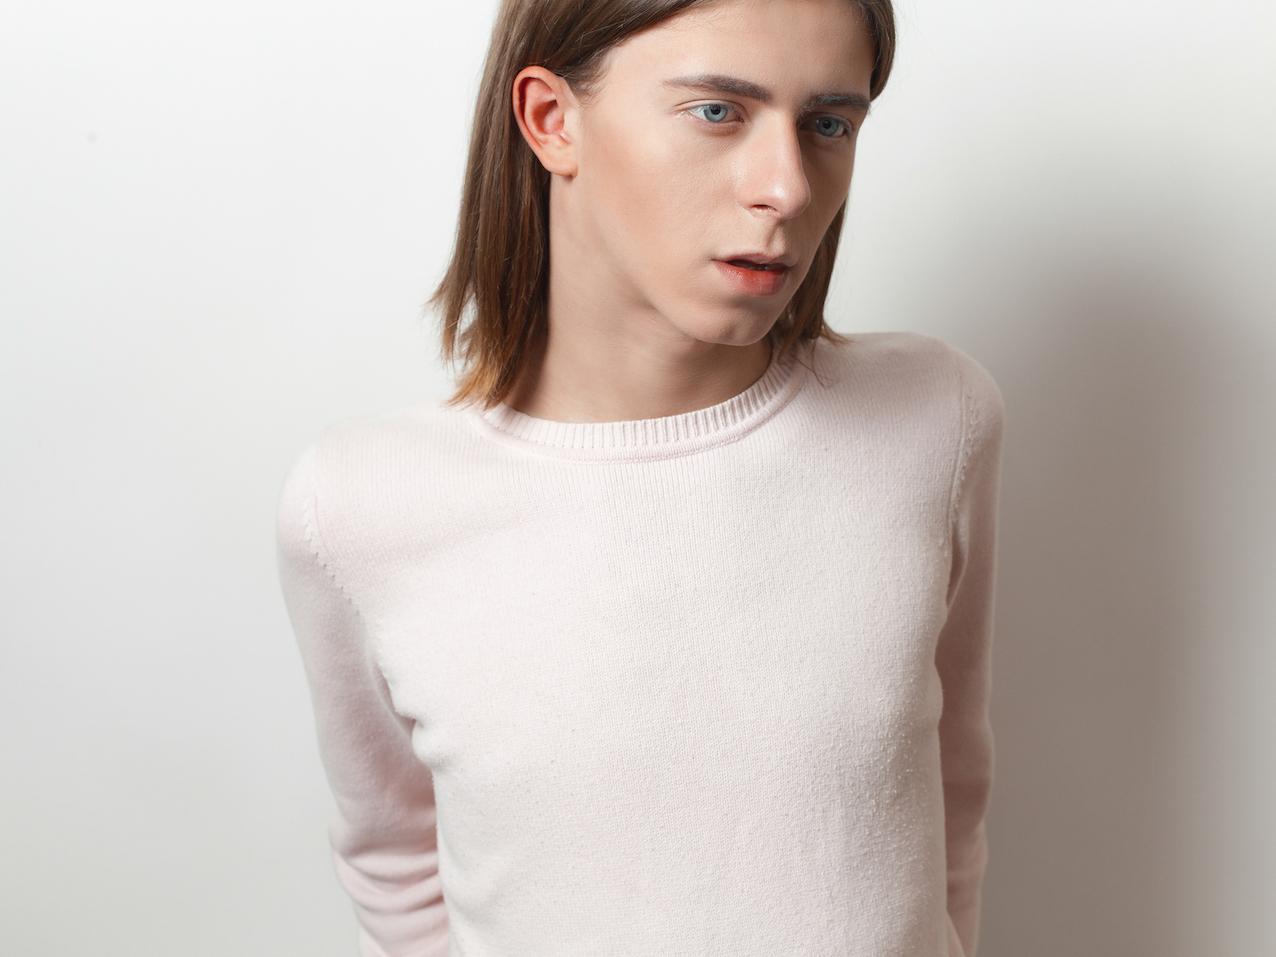 Osoby transpłciowe - odrzucenie, samotność, samobójstwo